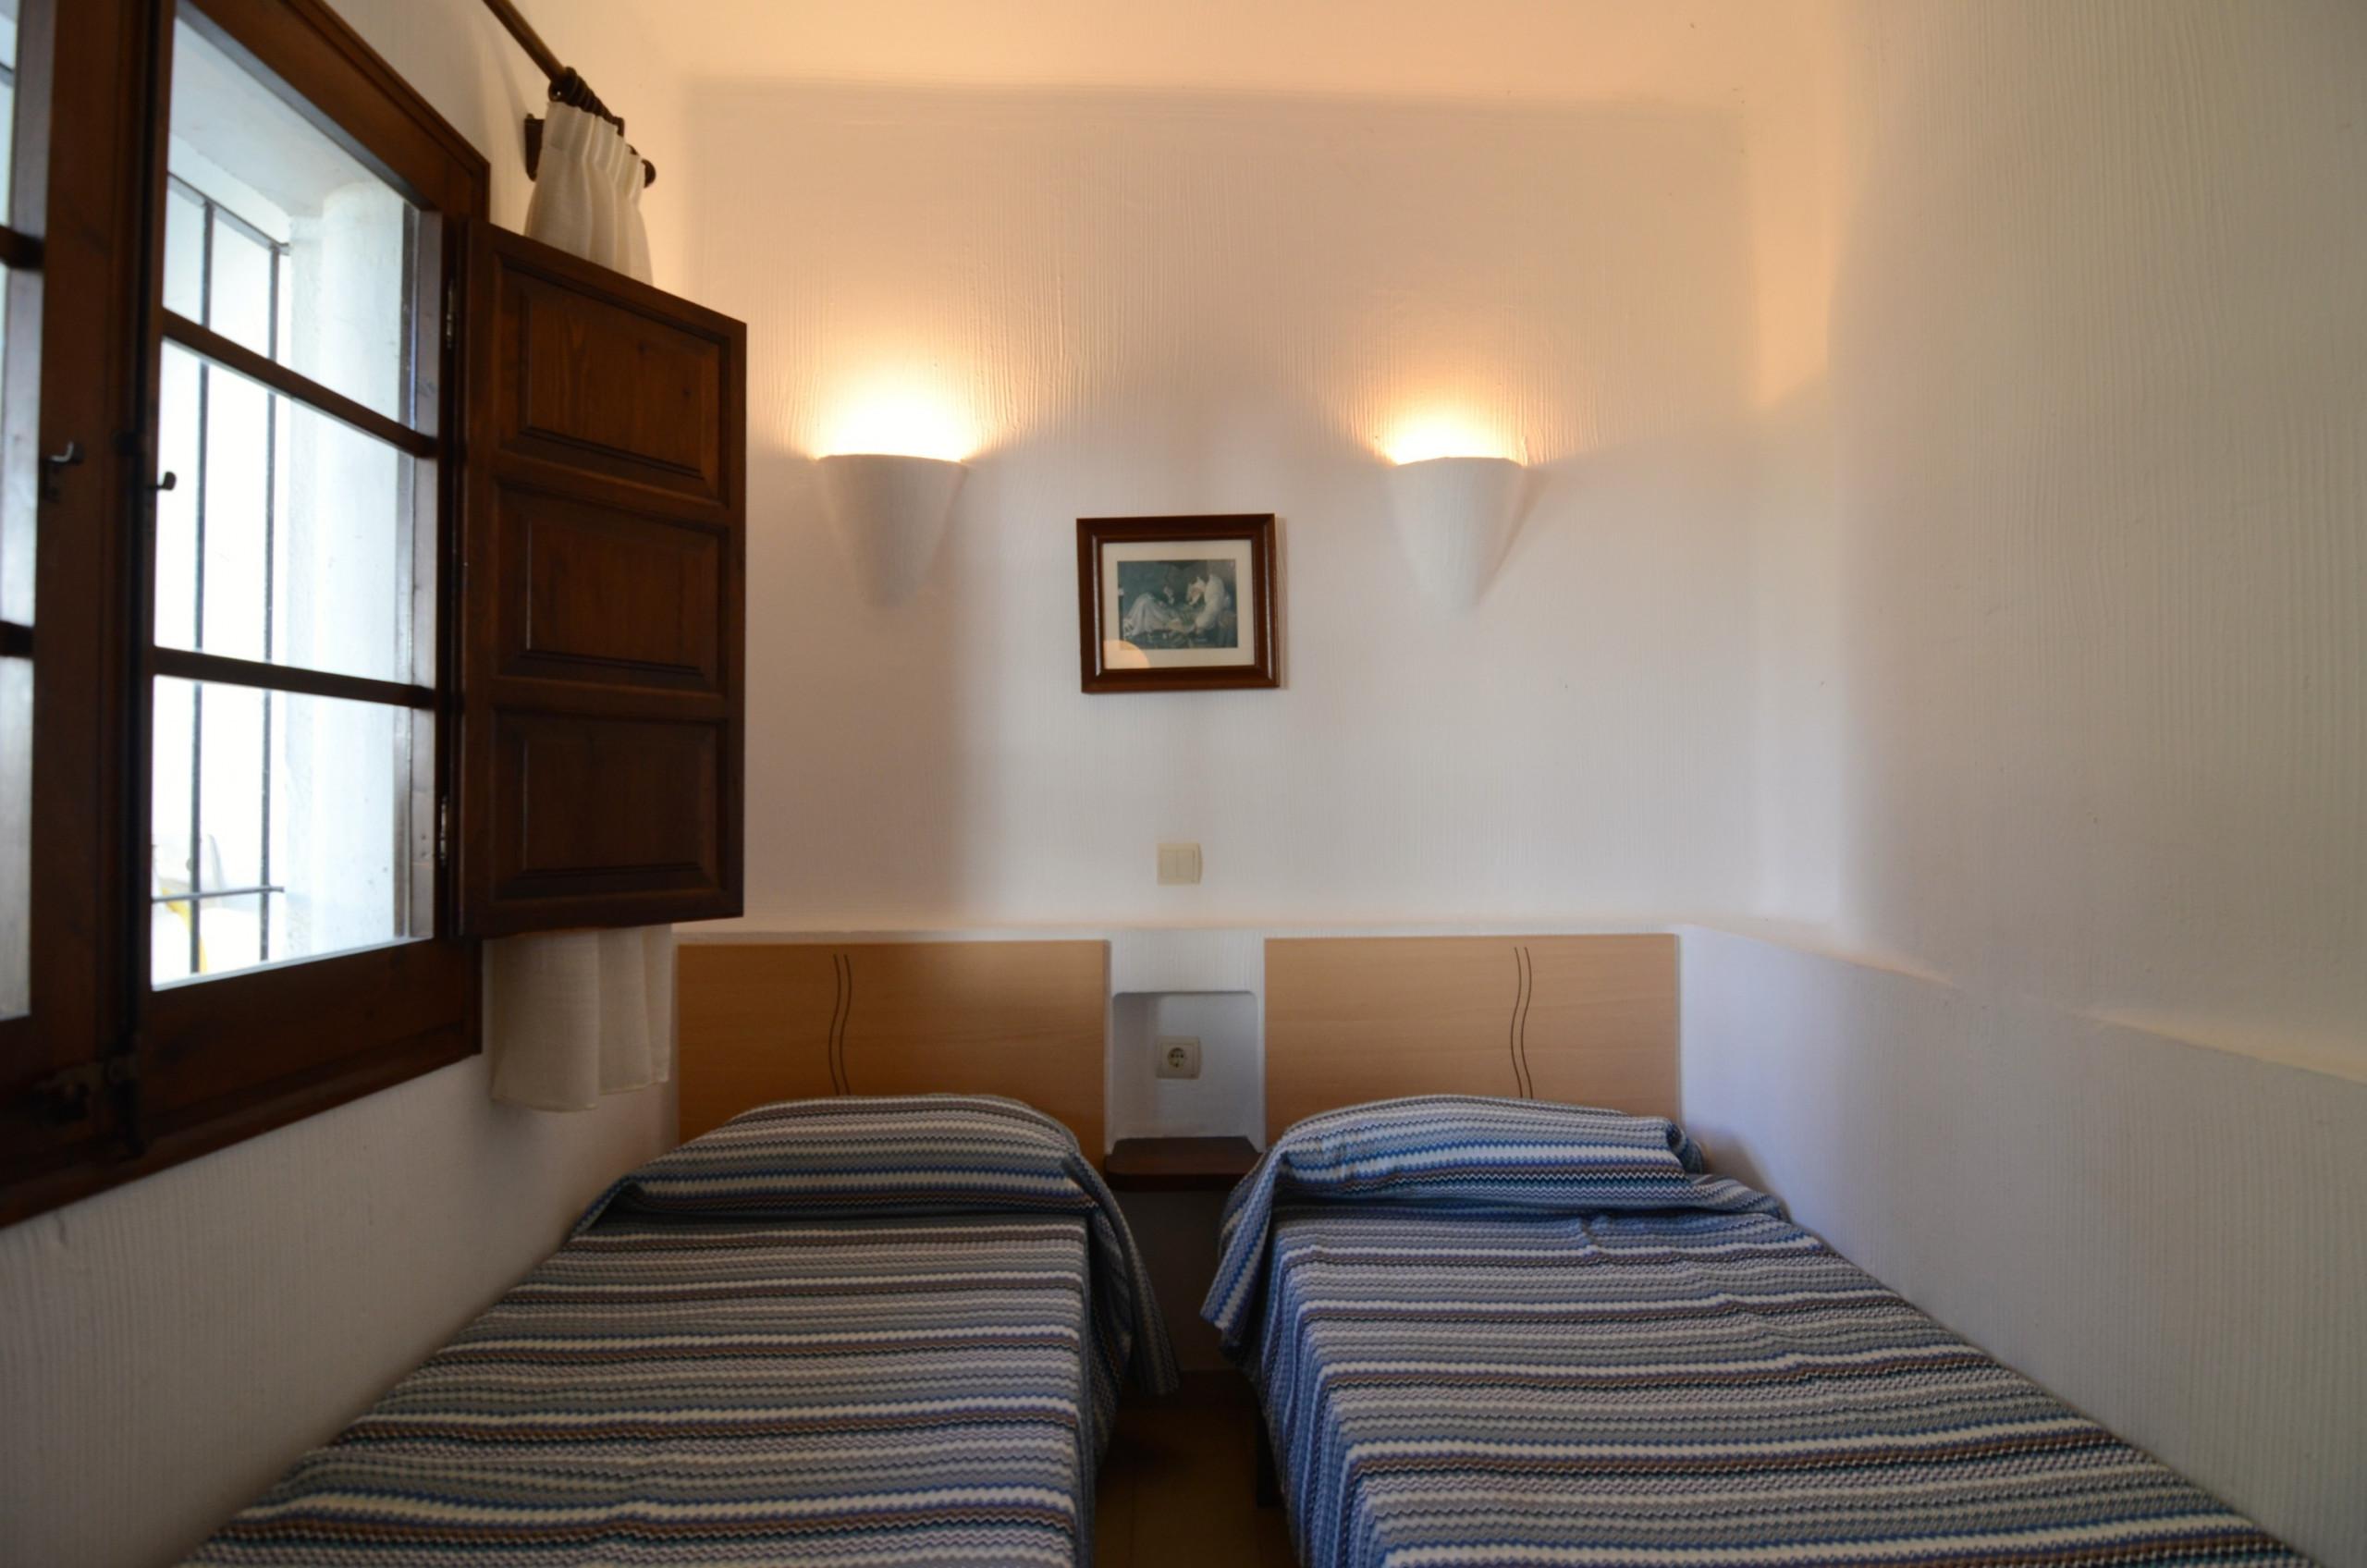 Ferienhaus PIVERD GOLF 66 (2362084), Pals, Costa Brava, Katalonien, Spanien, Bild 13